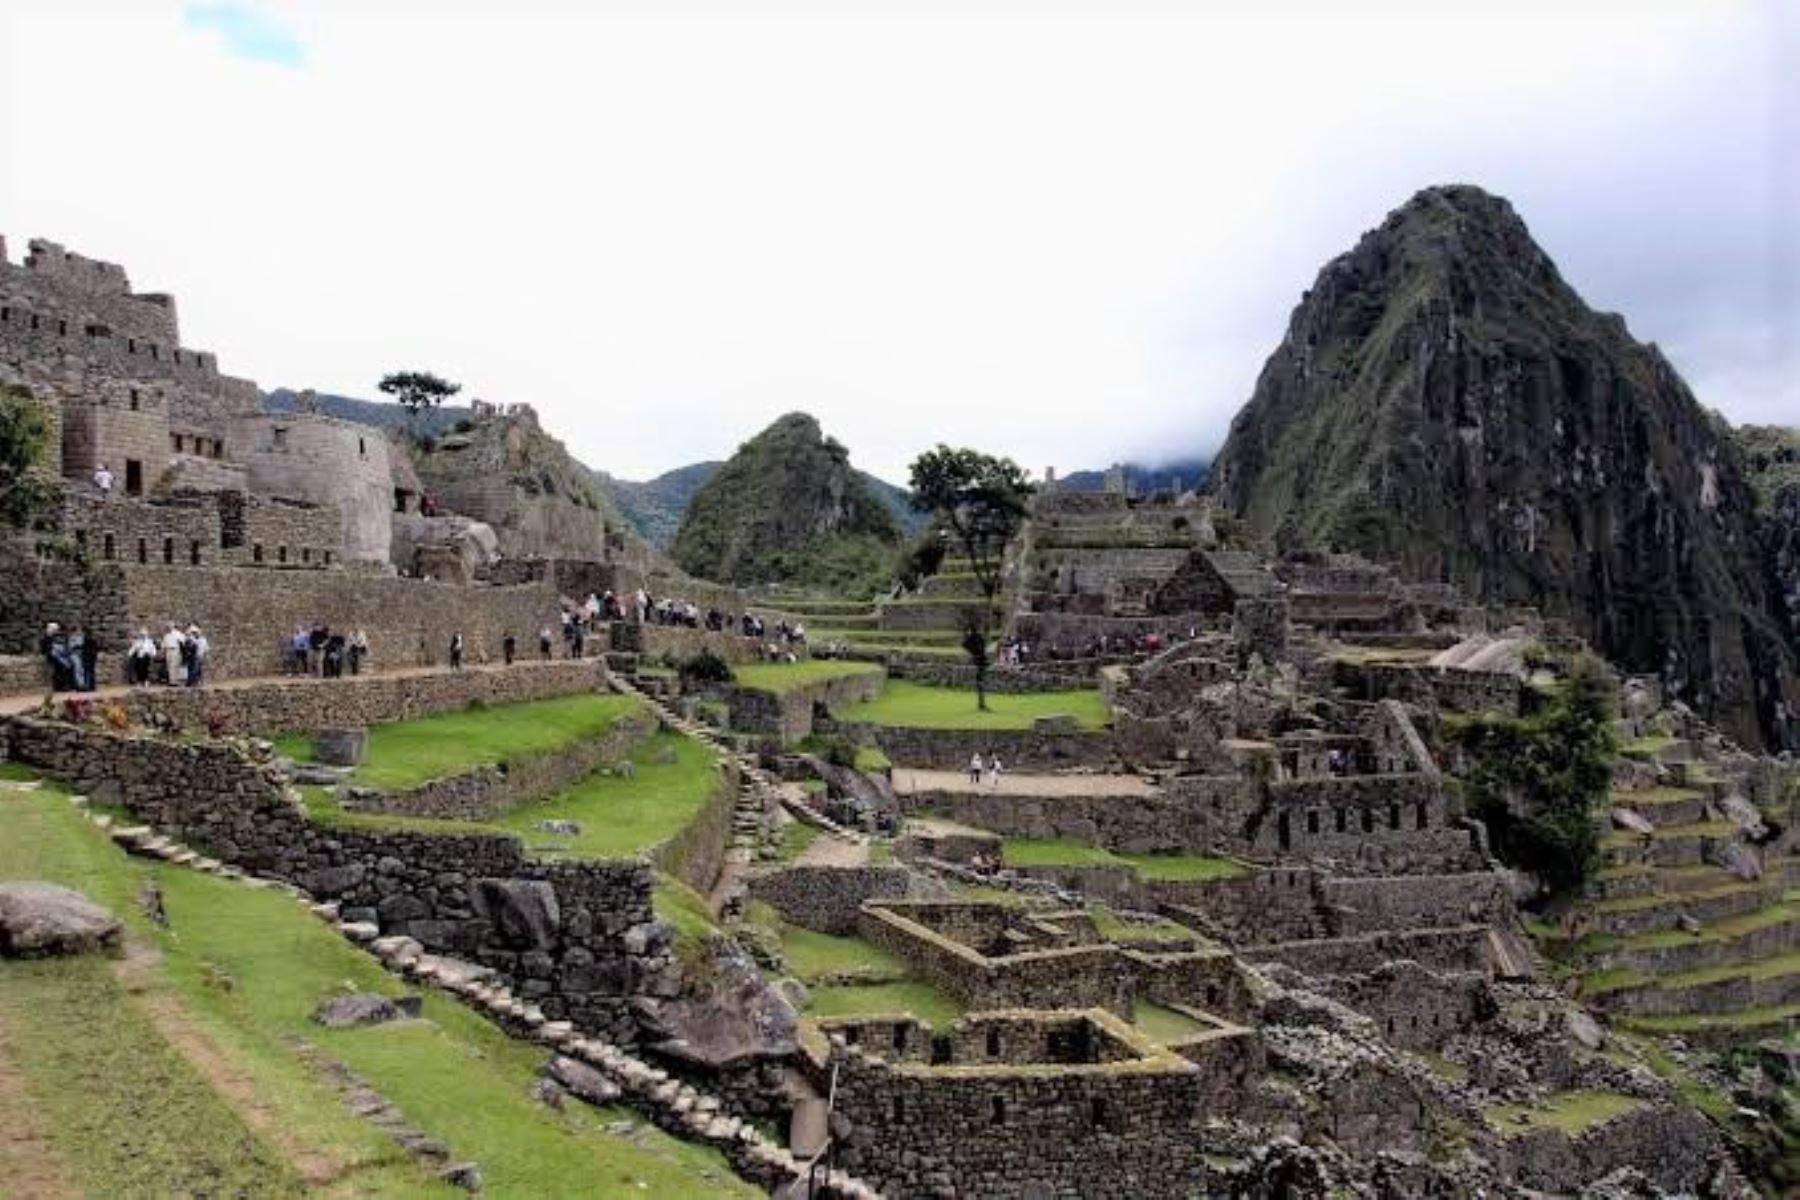 Machu Picchu pone en valor siete sectores para diversificar visita de turistas a ciudadela inca. ANDINA/Percy Hurtado